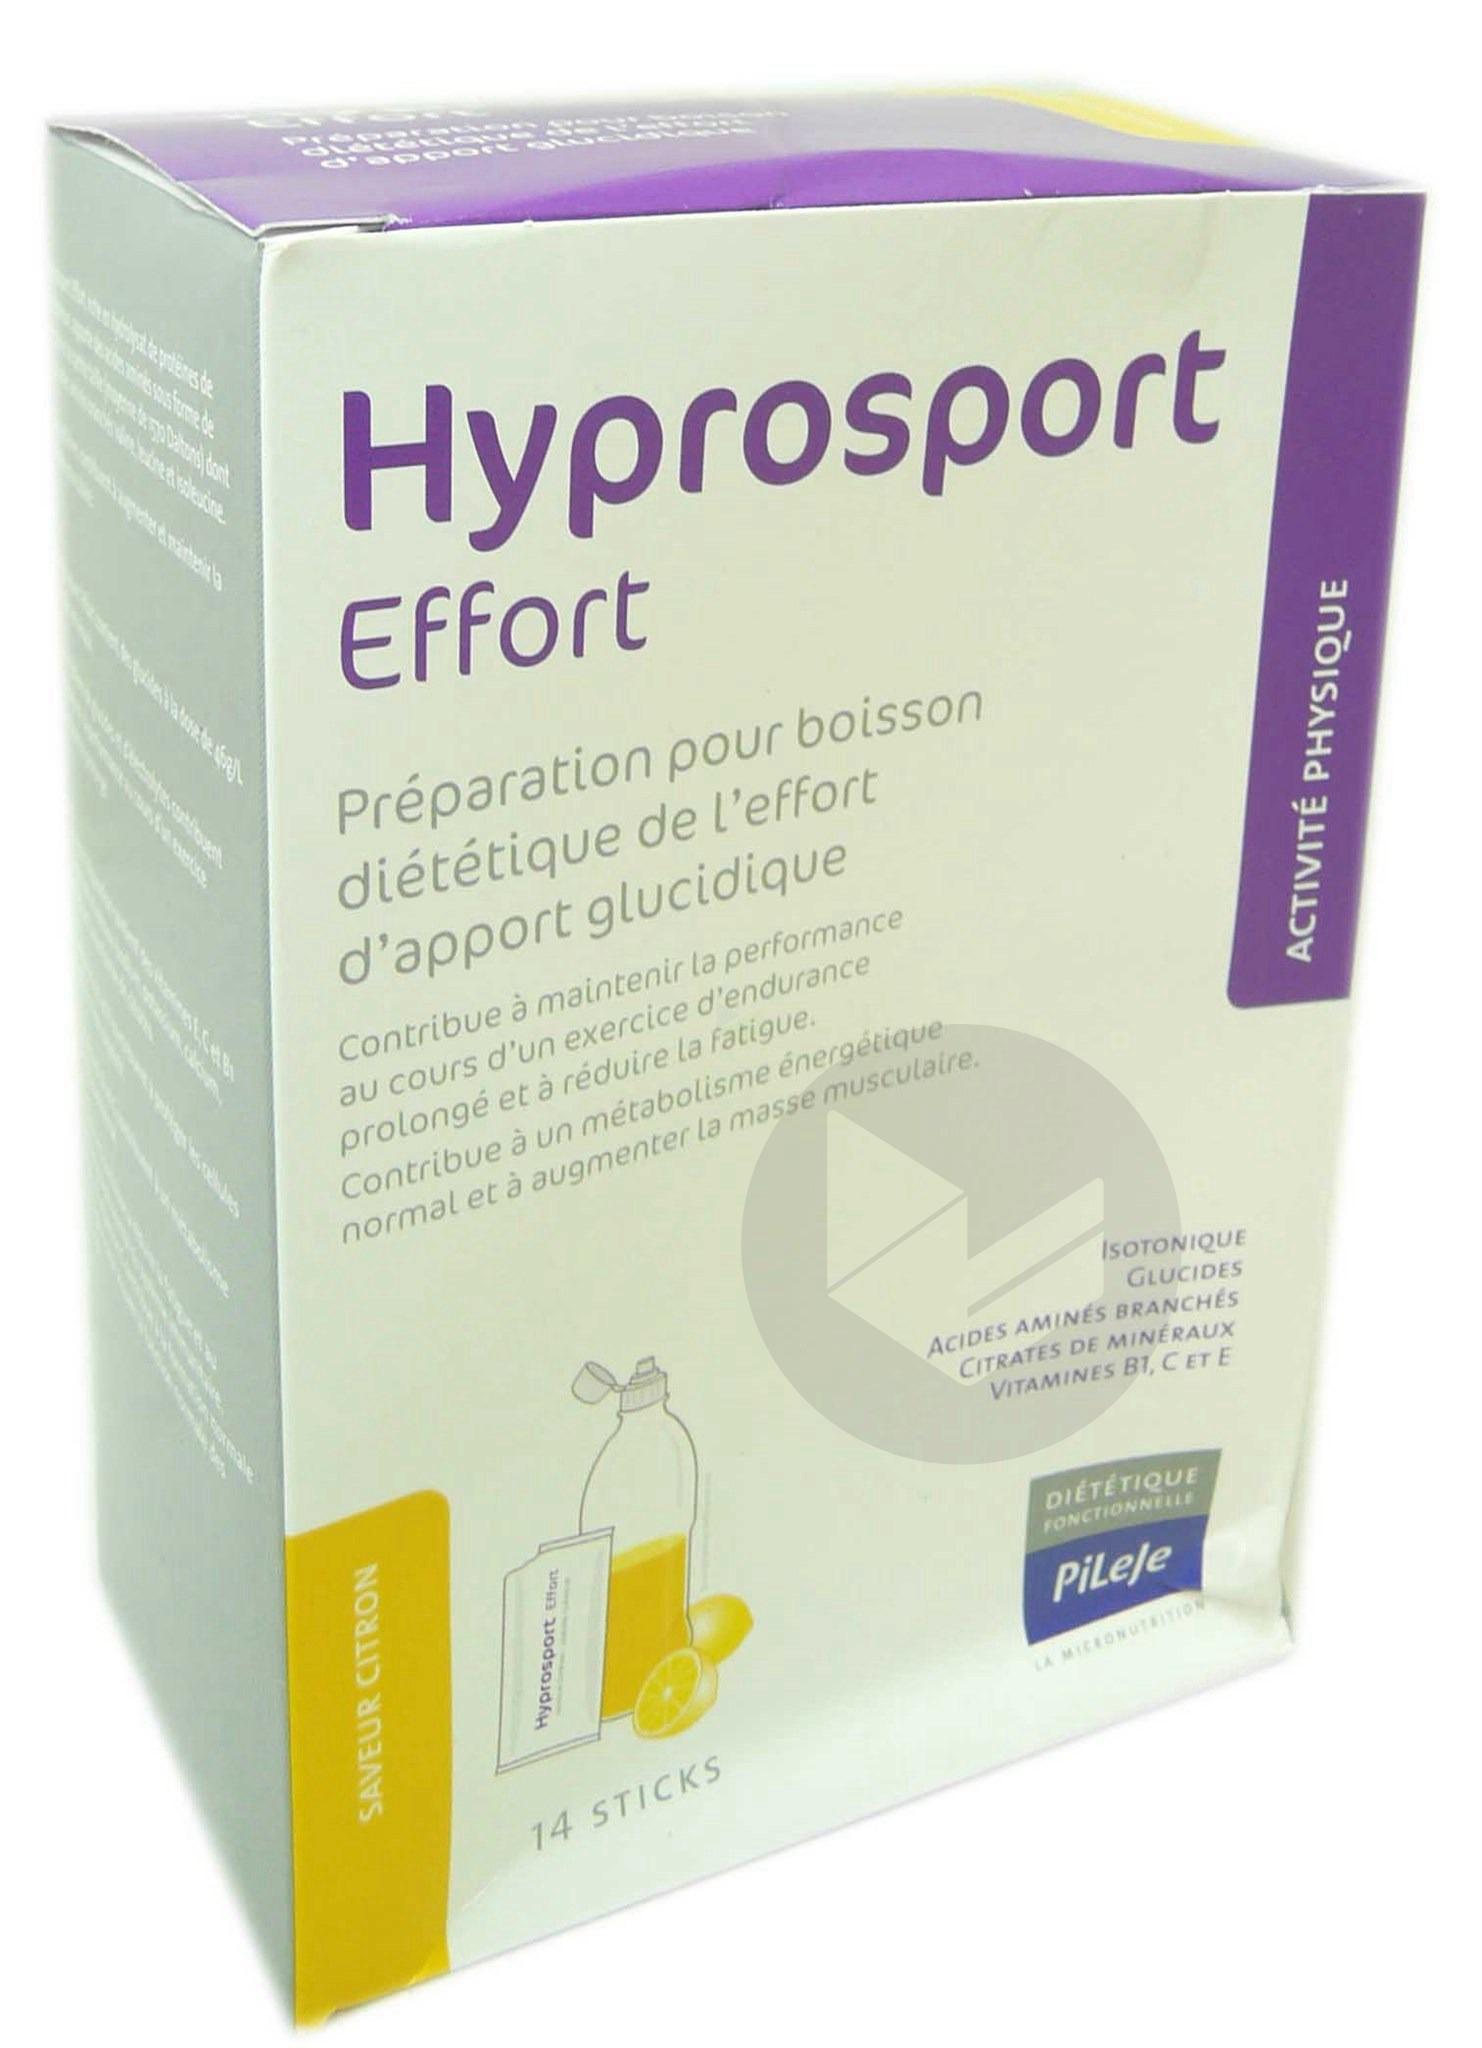 HYPROSPORT EFFORT Pdr pour boisson citron 14Sticks/30g